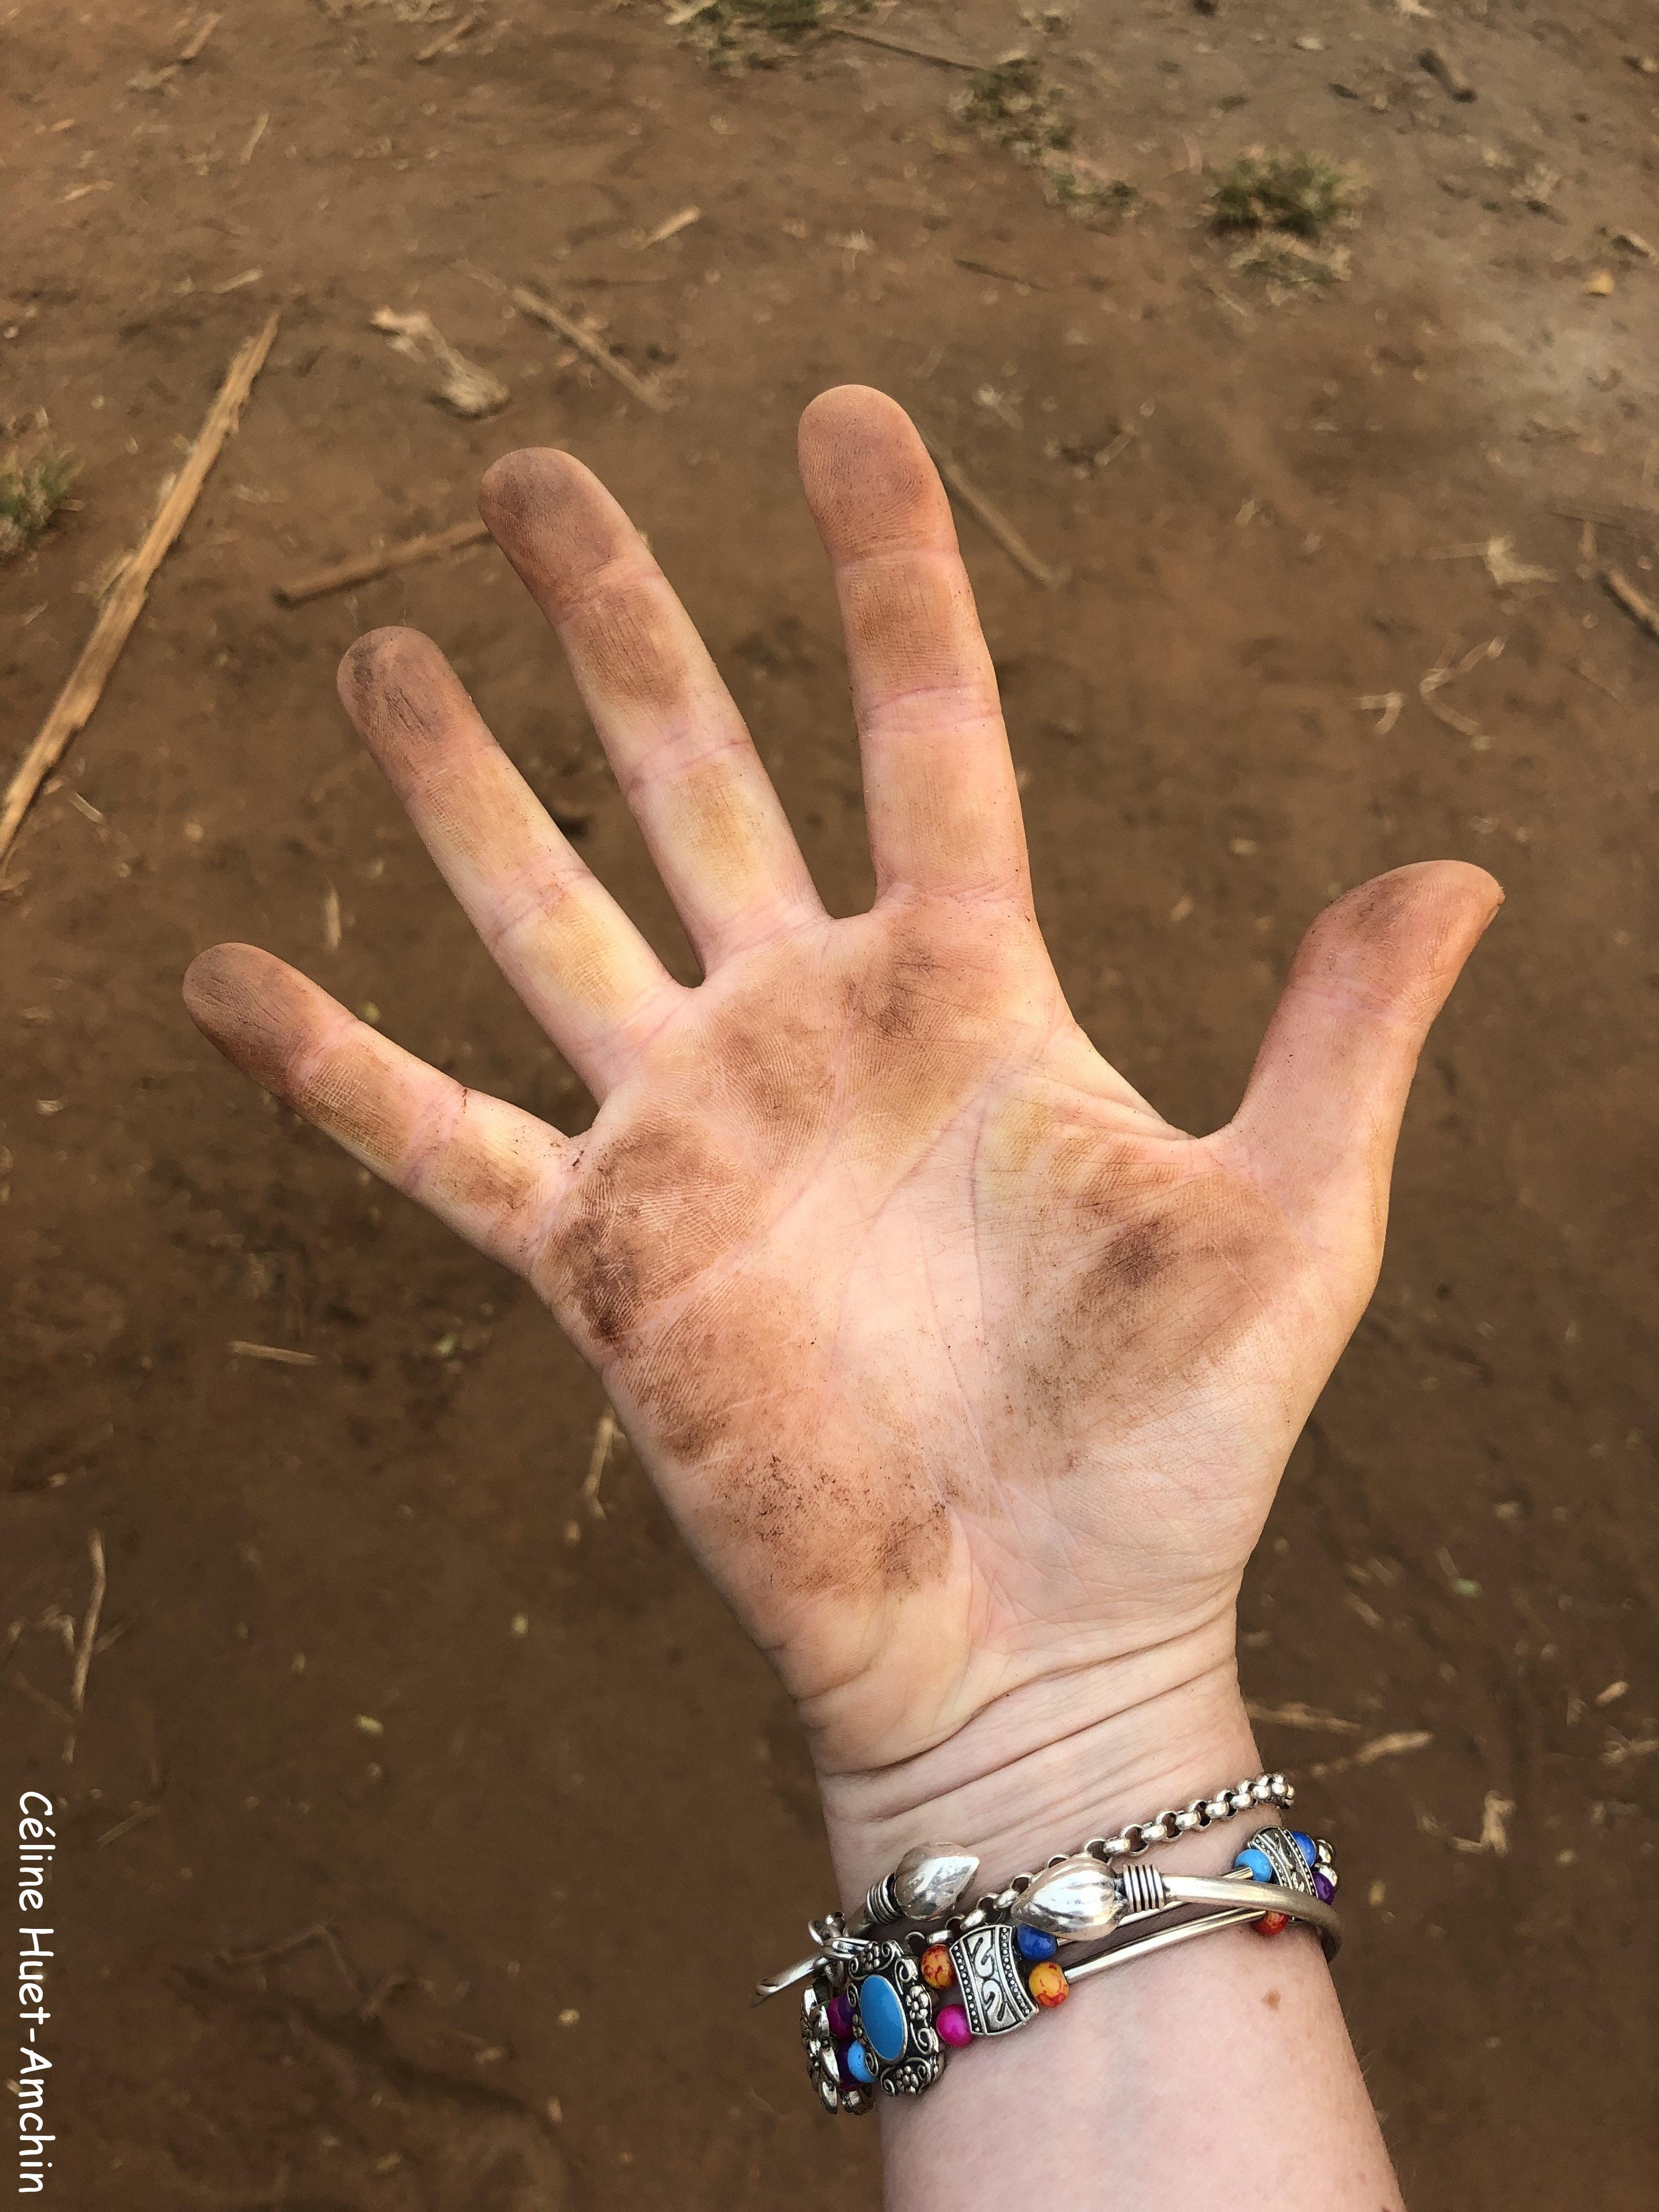 Ma main après avoir donné à manger aux éléphants Elephant Nature Park Chiang Mai Thaïlande Asie